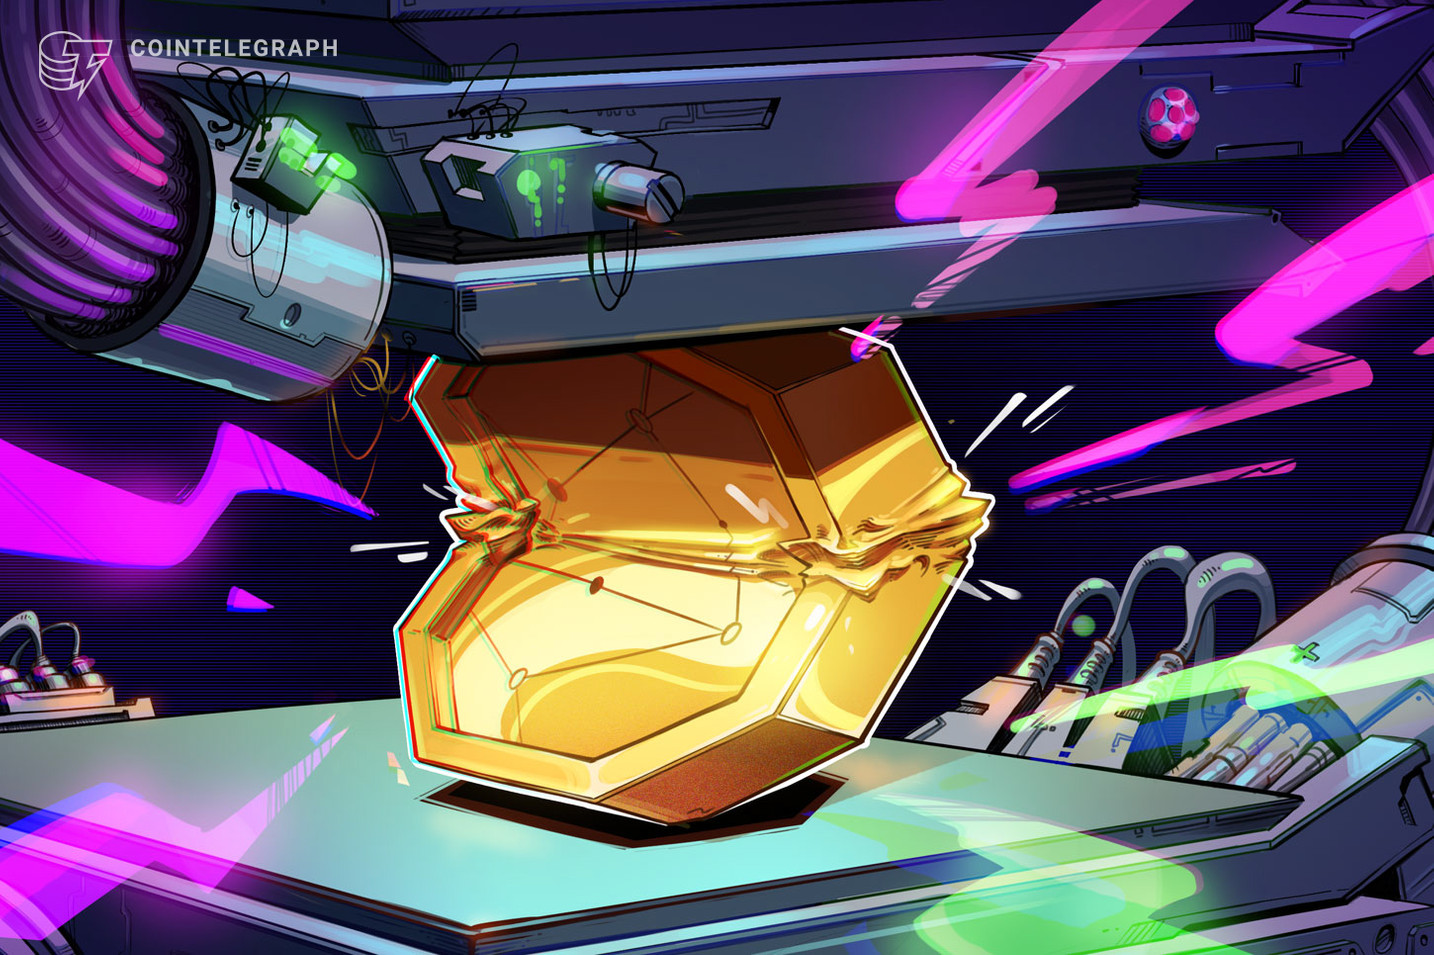 Agosto derruba altcoins conhecidas do mercado, enquanto novas criptomoedas alcançam até 712% de valorização